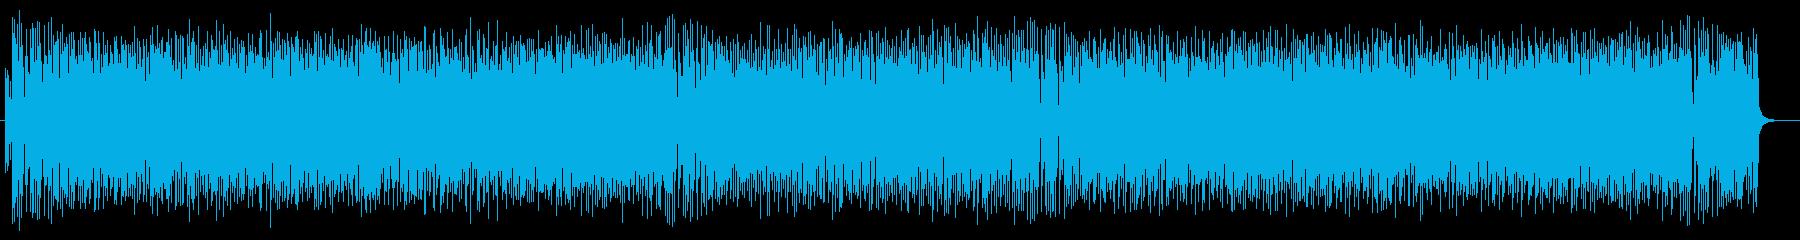 コミカルかわいいシンセピアノサウンドの再生済みの波形